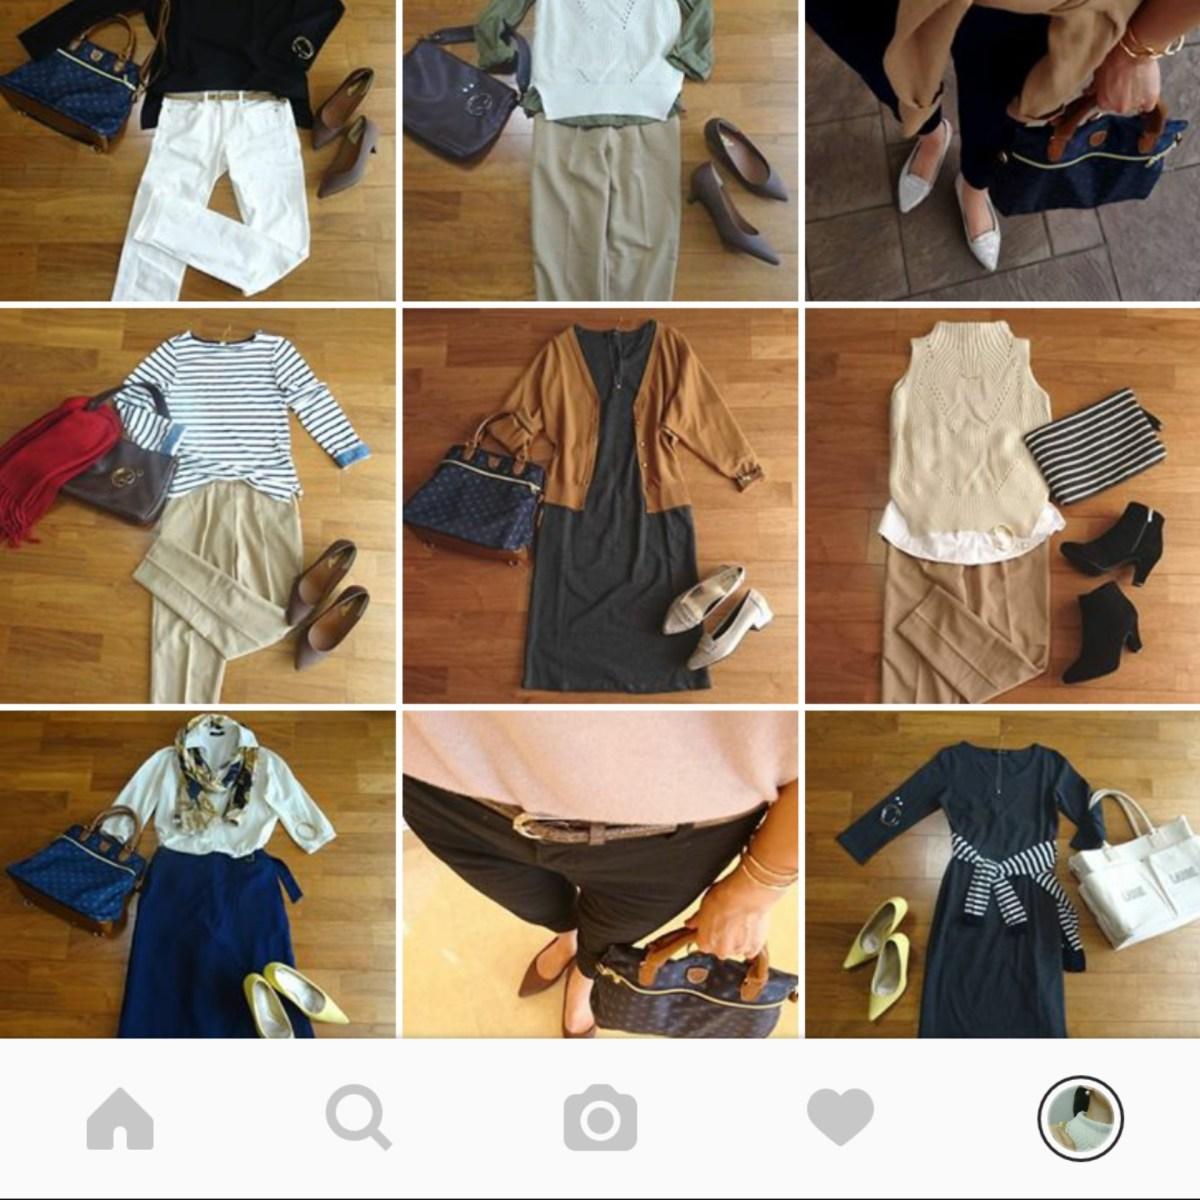 instagramでいいねが多かった30代ママの秋コーディネ―ト☆